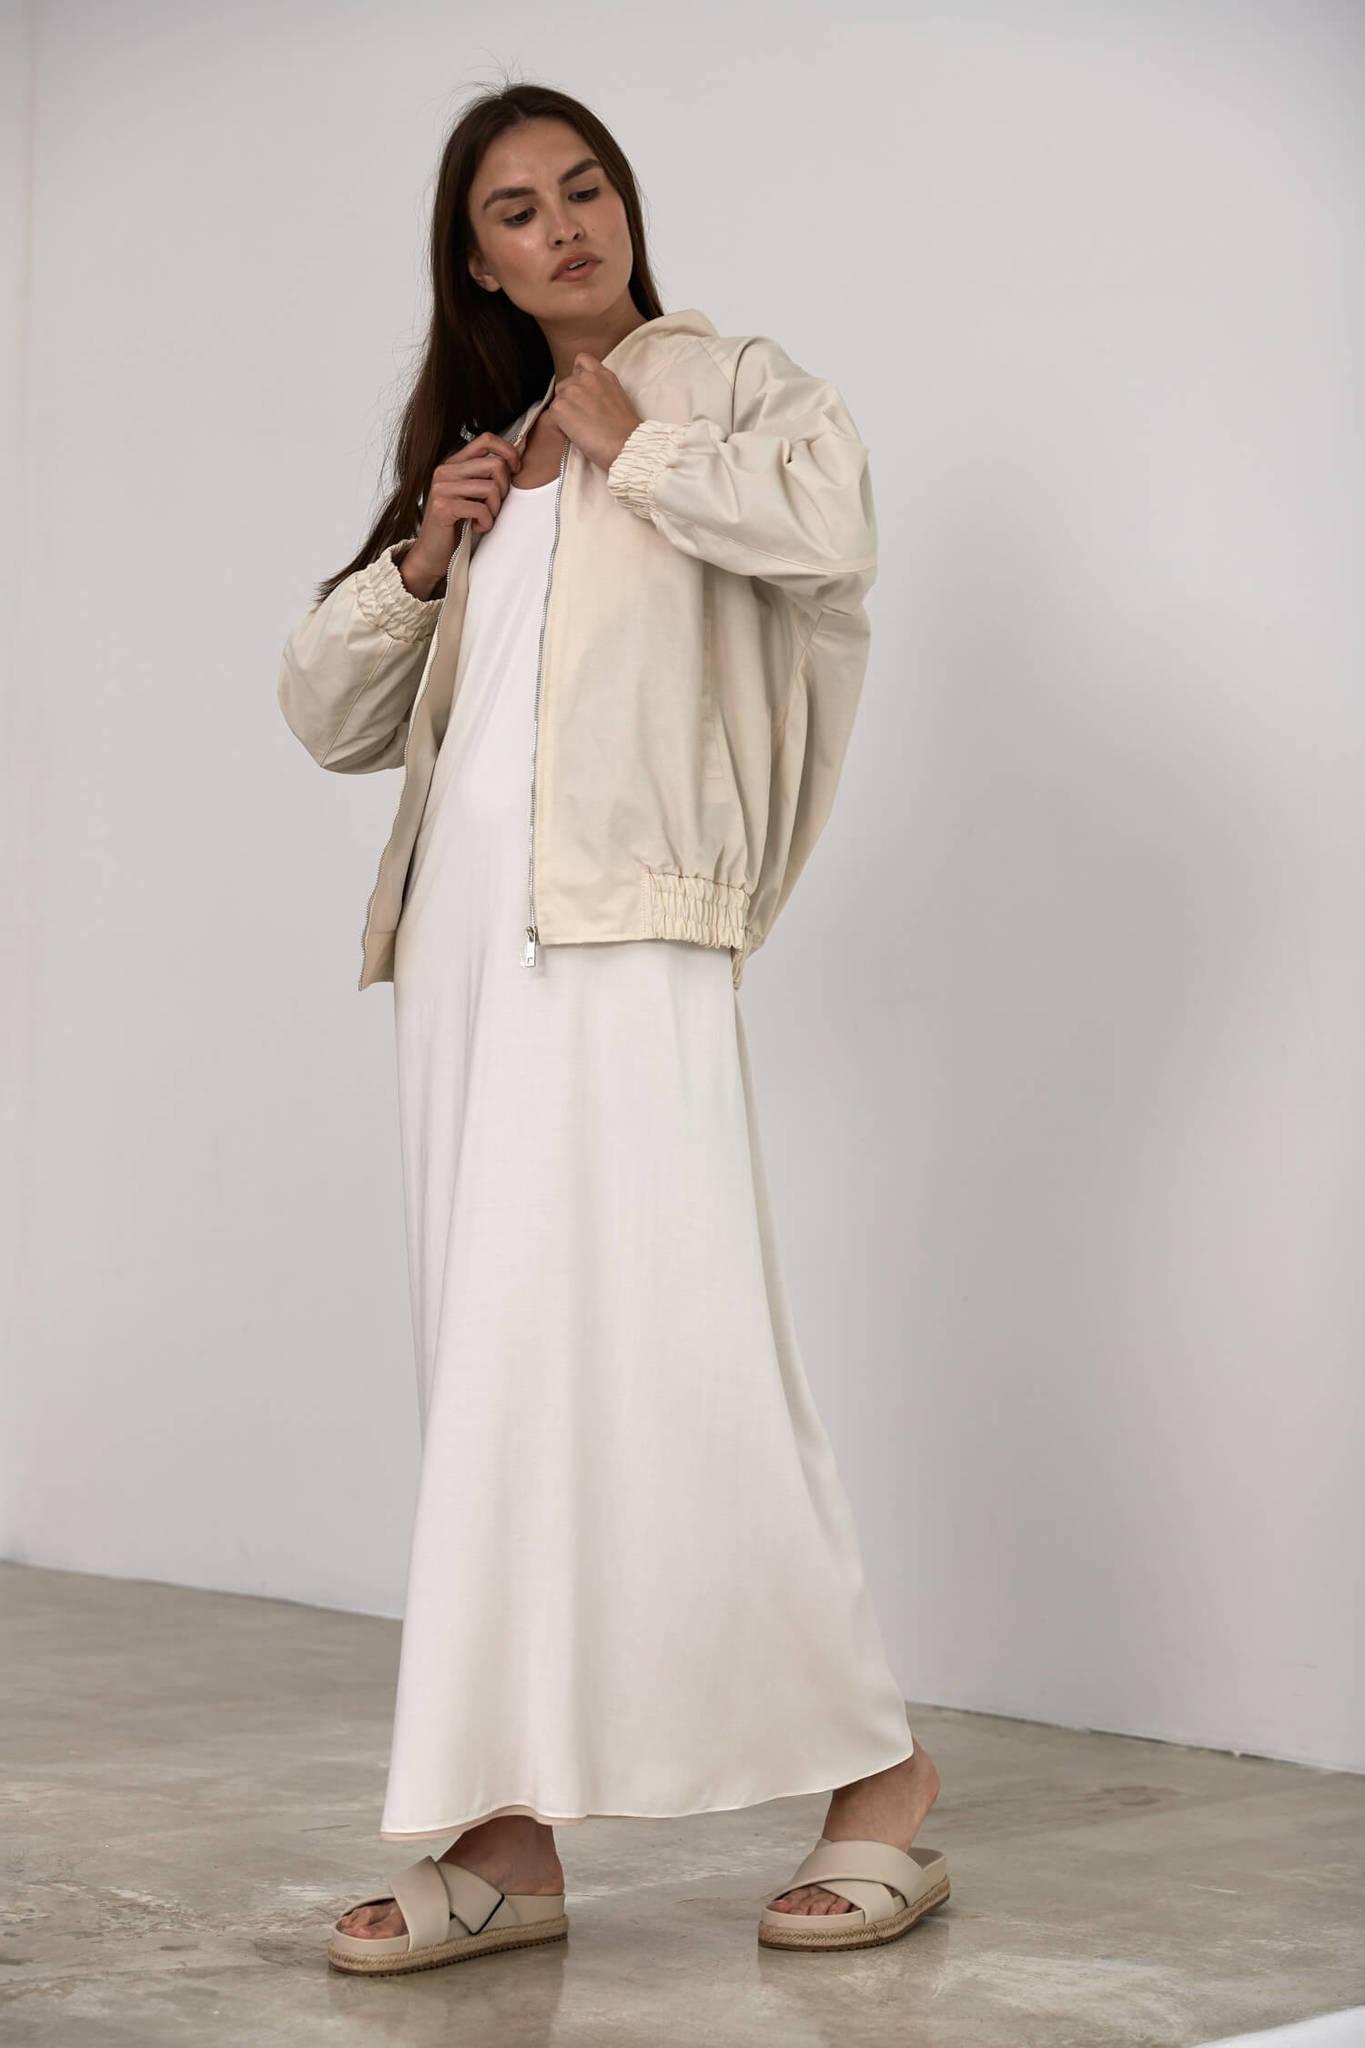 Платье-майка длинное без боковых швов, двустороннее молоко/беж